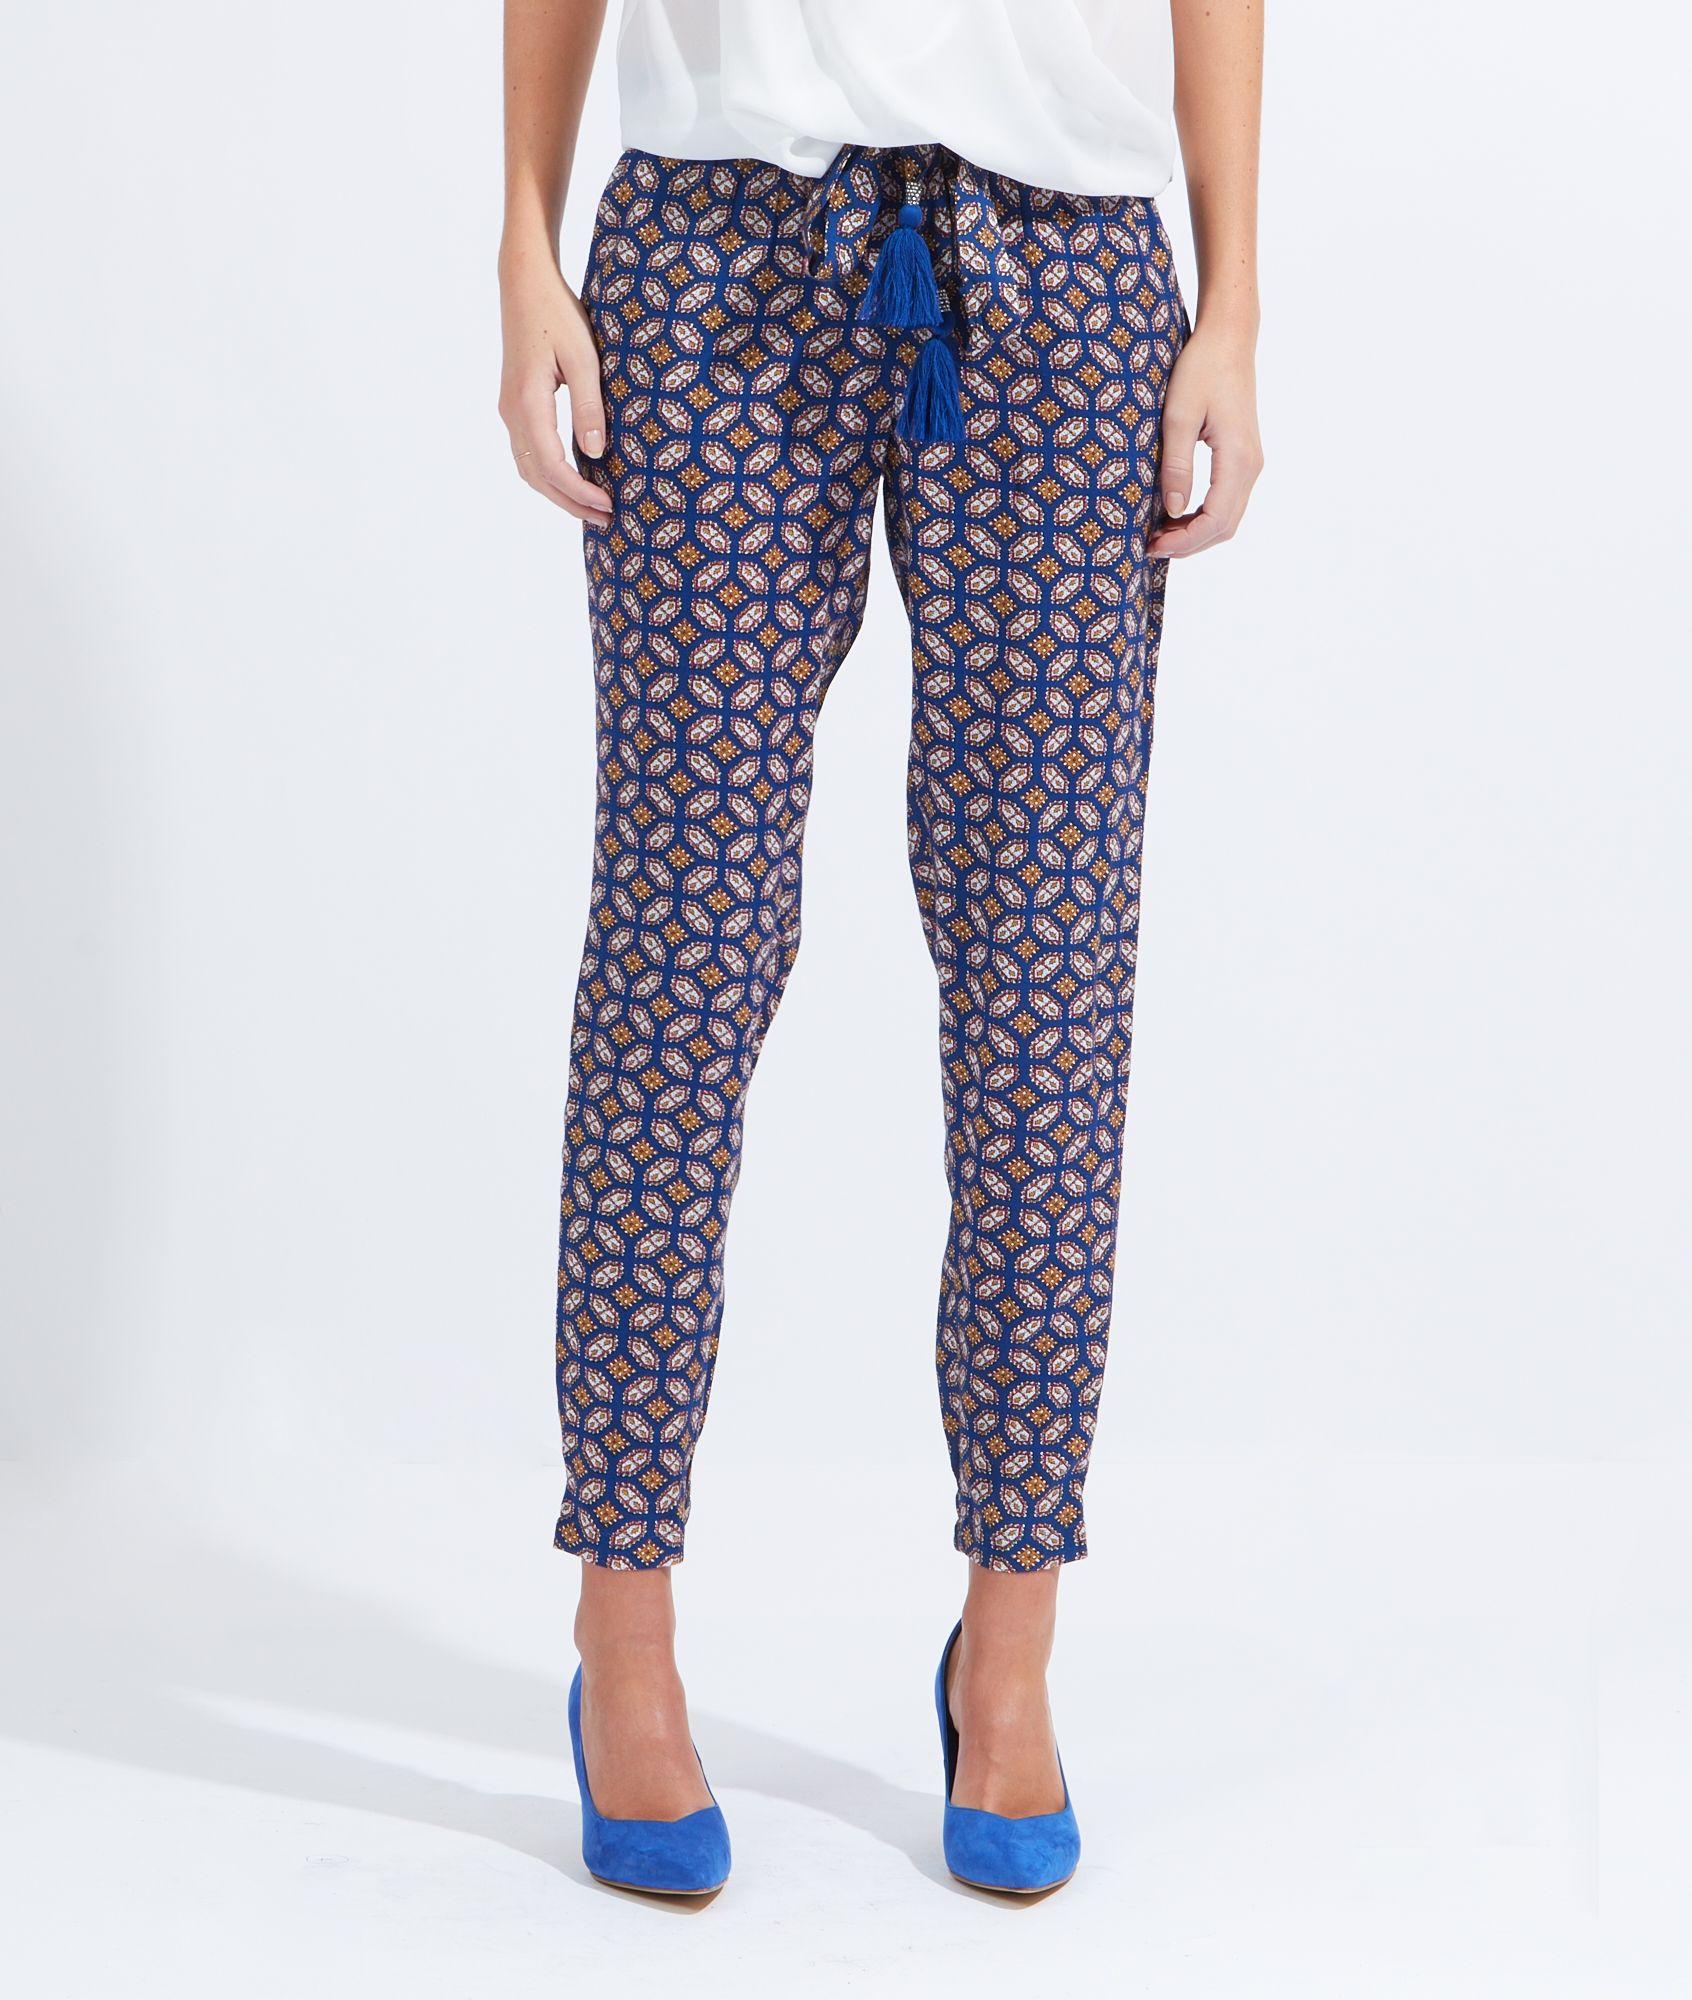 Pantalon fluide imprim lien taille pompons djerba bleu etam whish list bas - Quelle couleur avec pantalon bleu marine ...